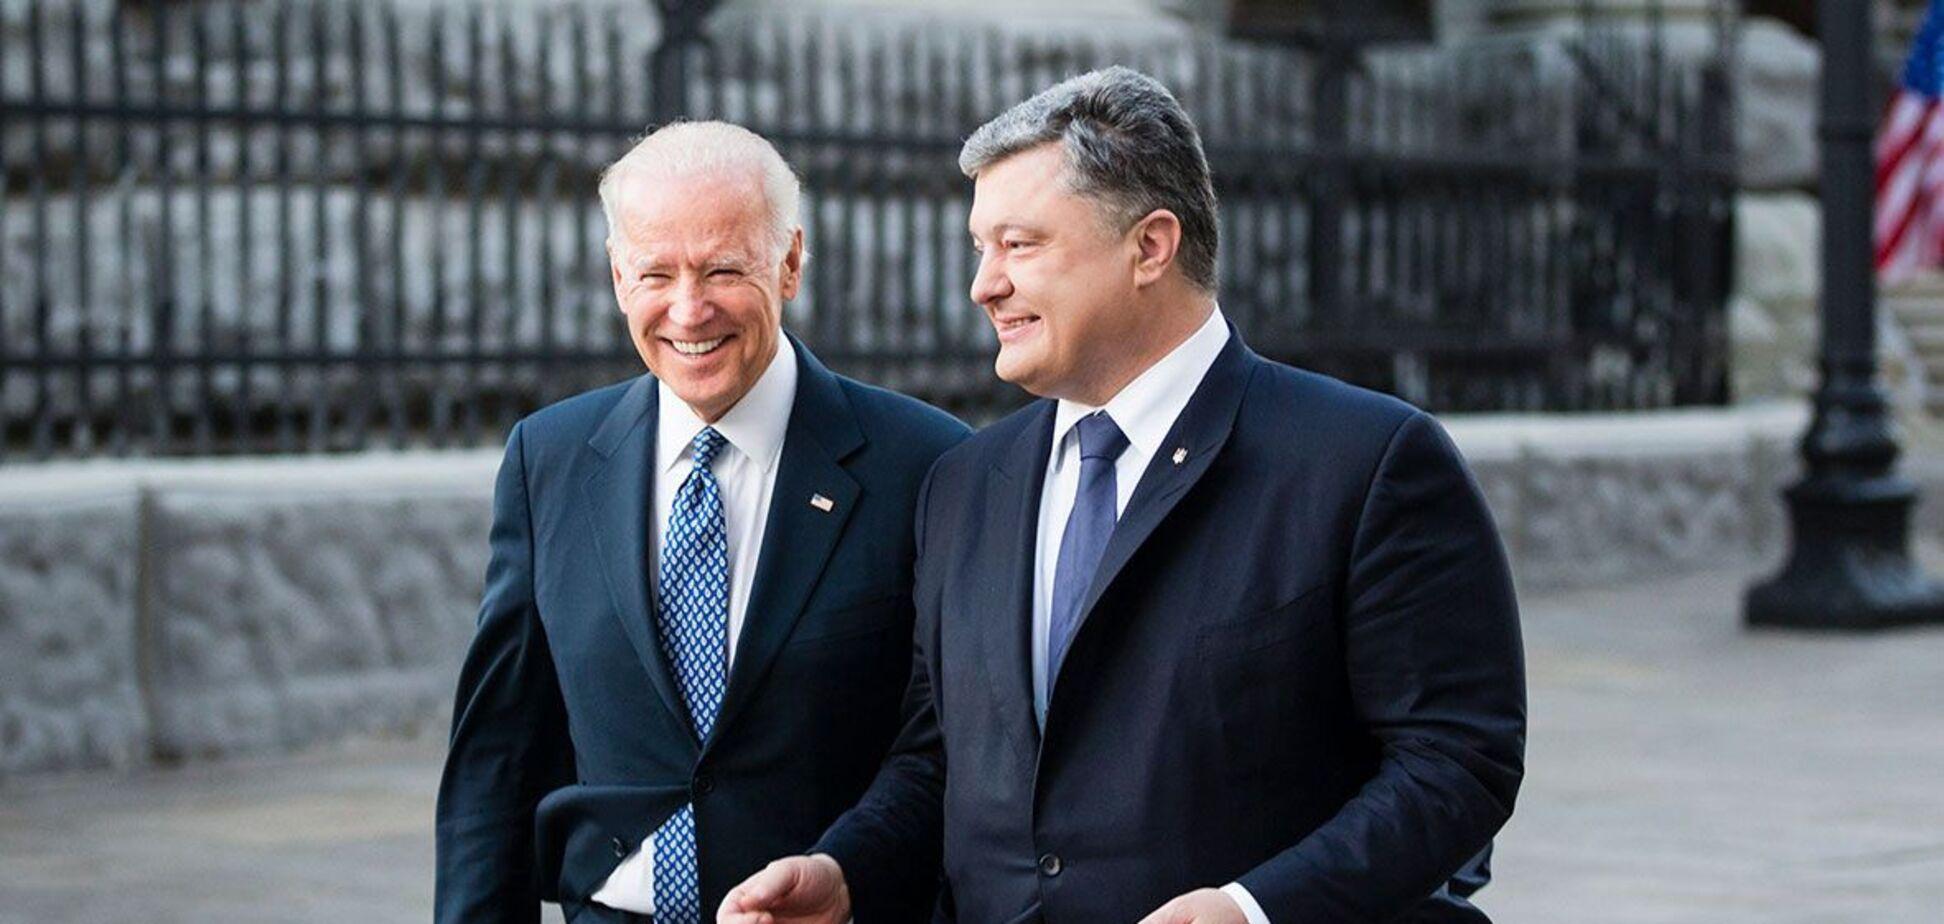 Порошенко передав листа Байдену під час візиту Блінкена в Україну